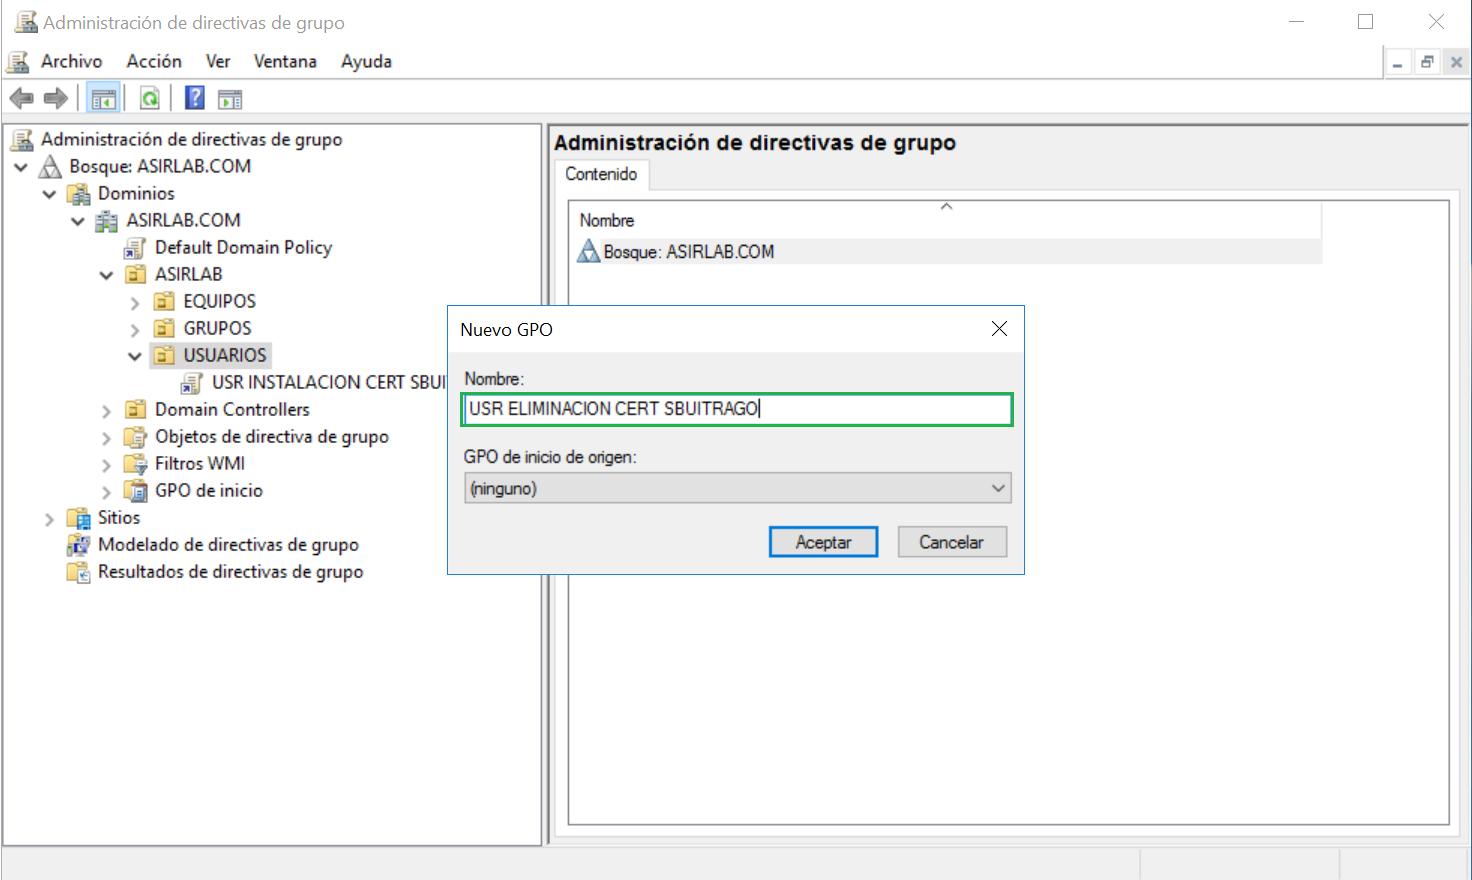 instalar_certificados_usuarios_via_gpo_33